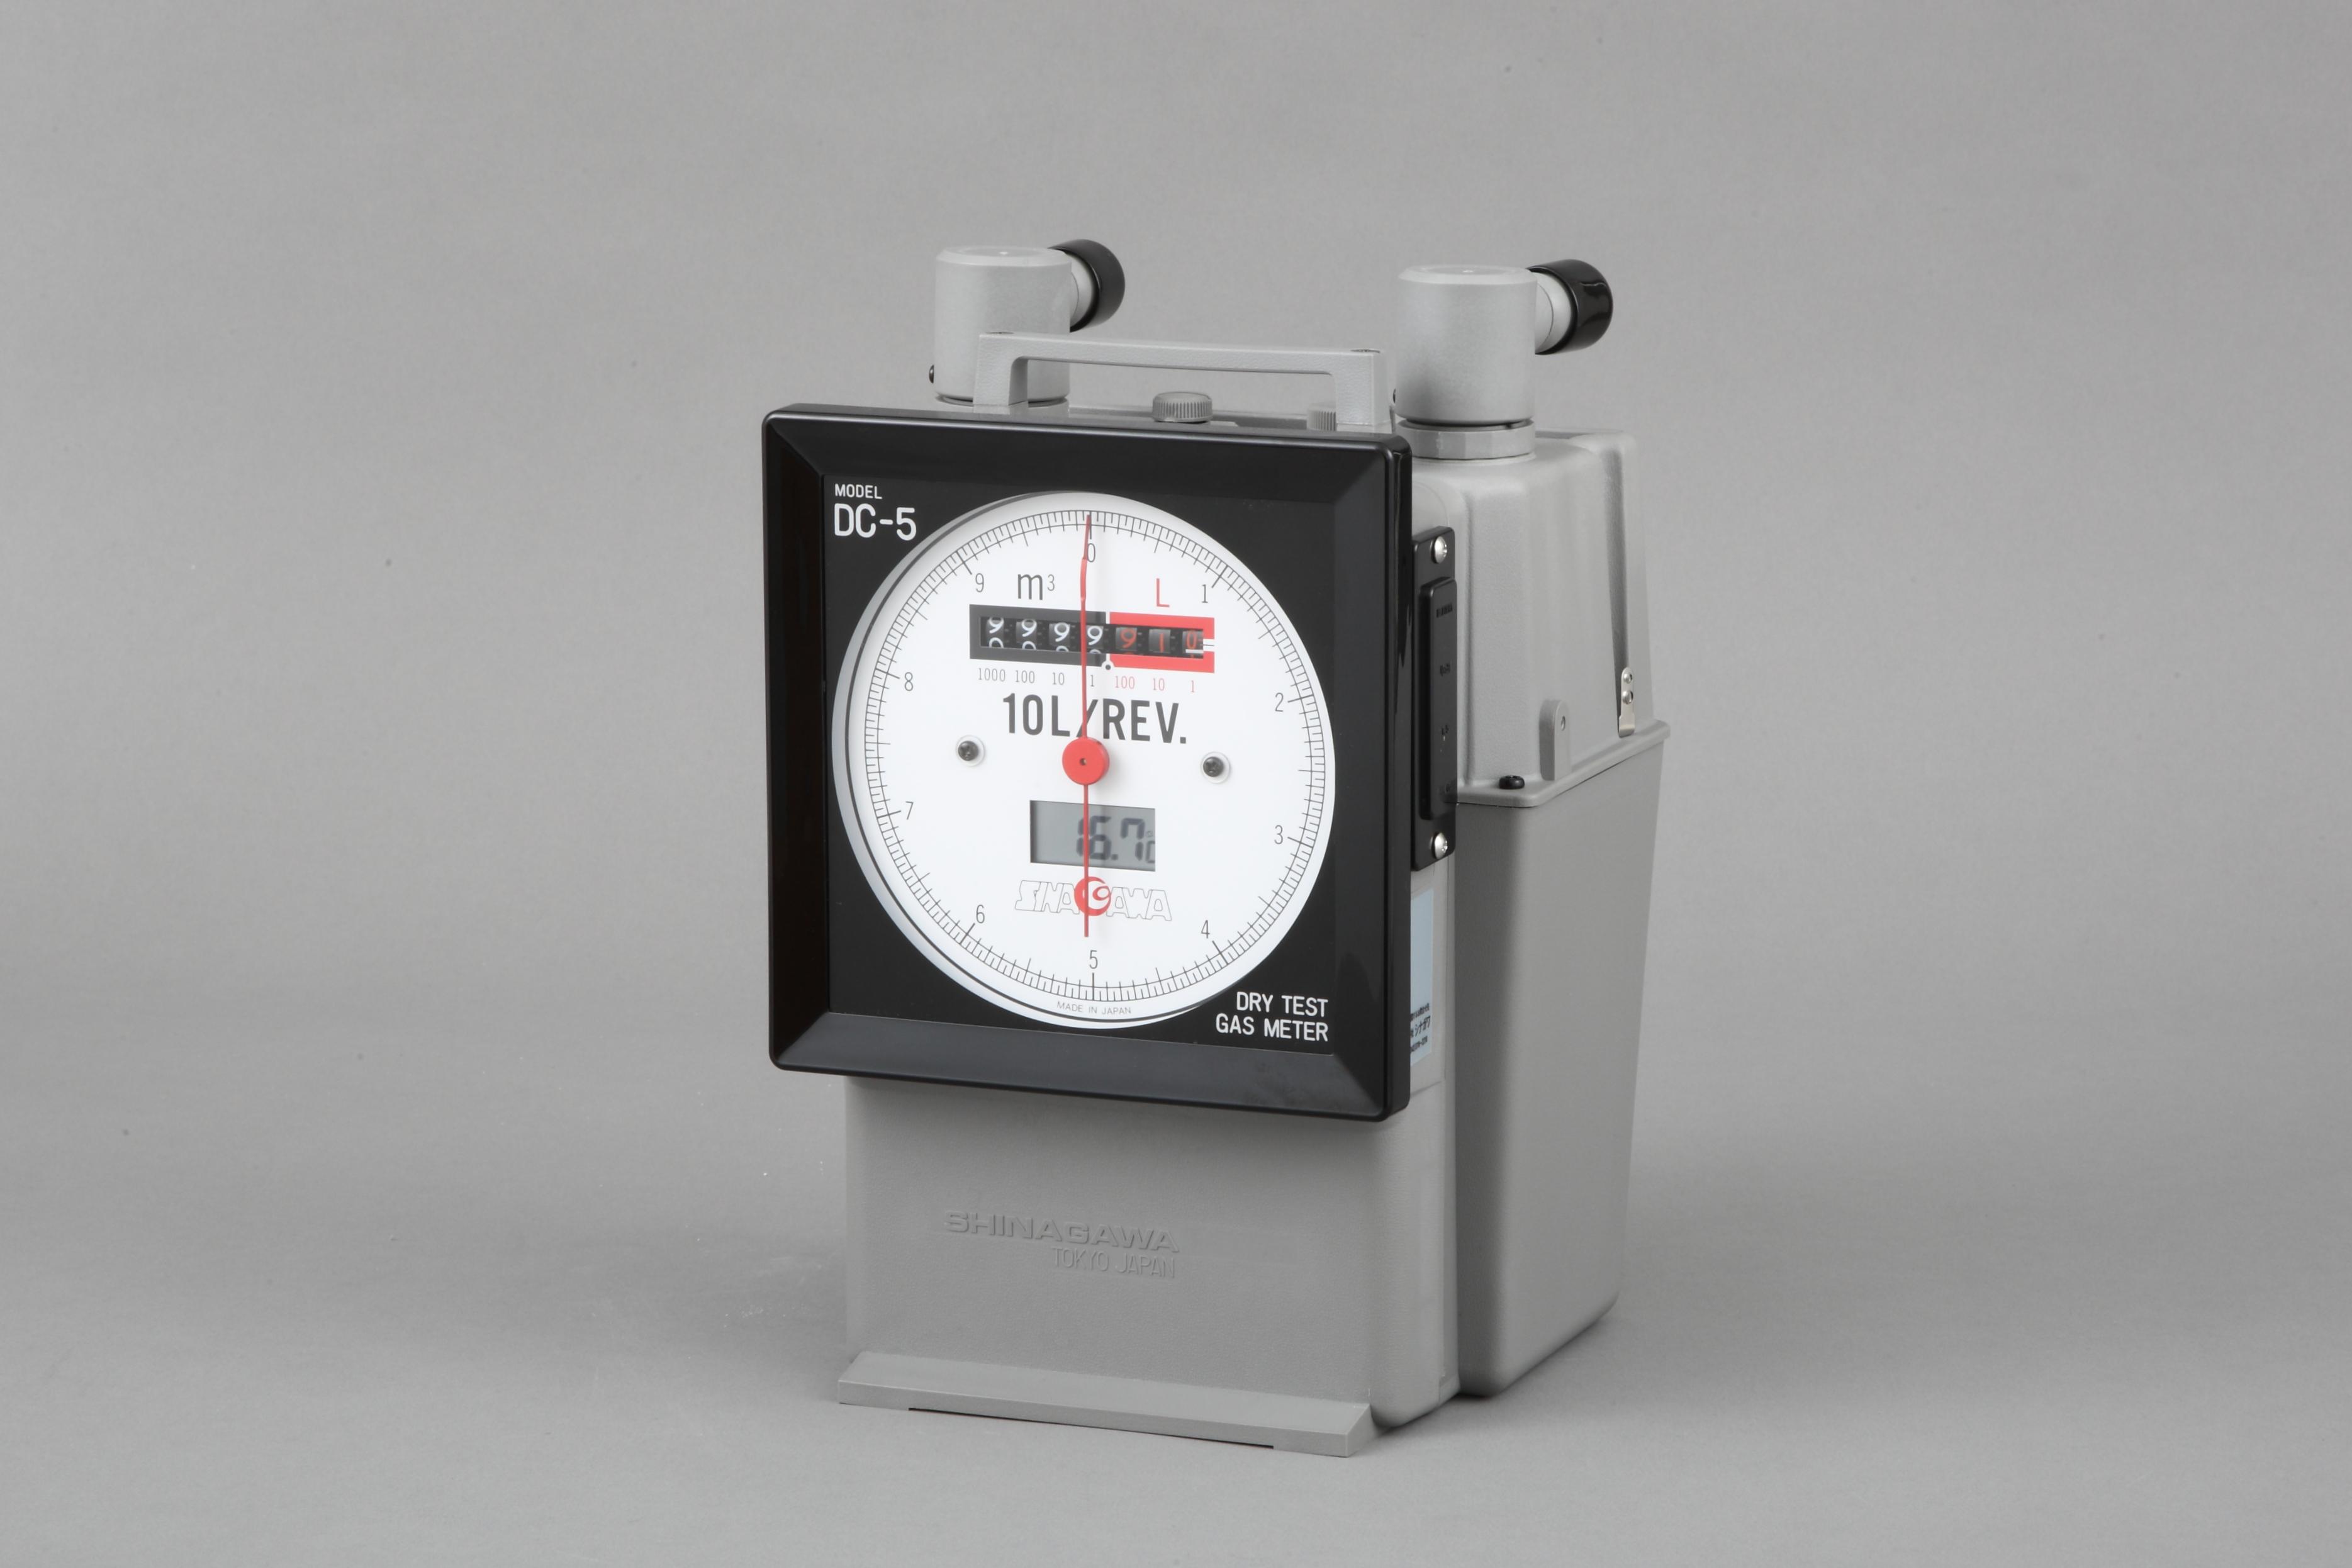 乾式ガスメーター パルス発信器(パルス発信単位:0.01/L)付 DCDa-5A-0.01/P シナガワ【Airis1.co.jp】